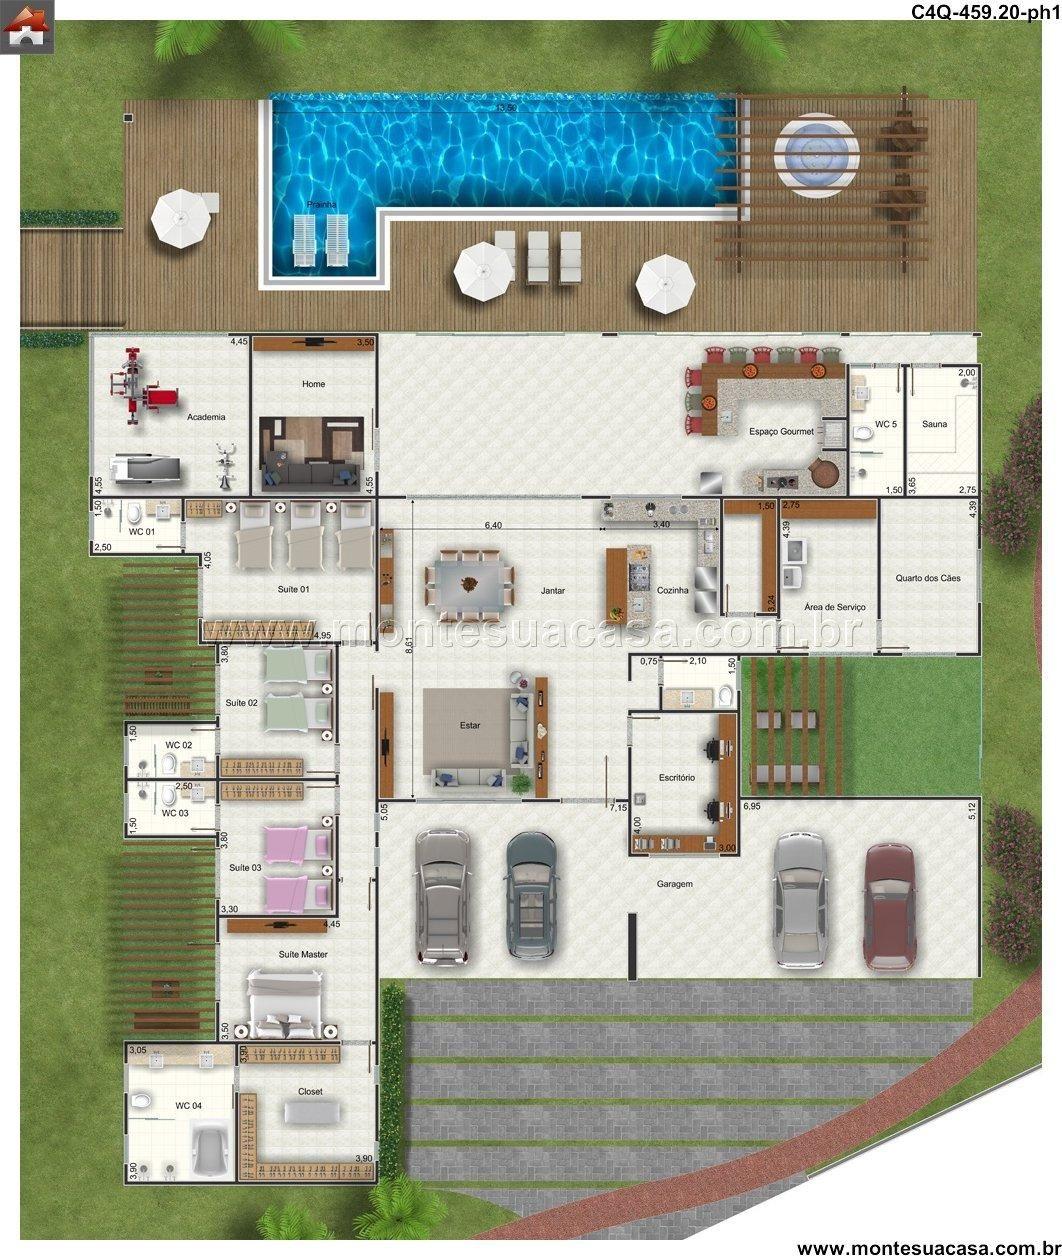 Casa 0 quartos dise o casas caras casas de for Diseno de piscinas para casas de campo